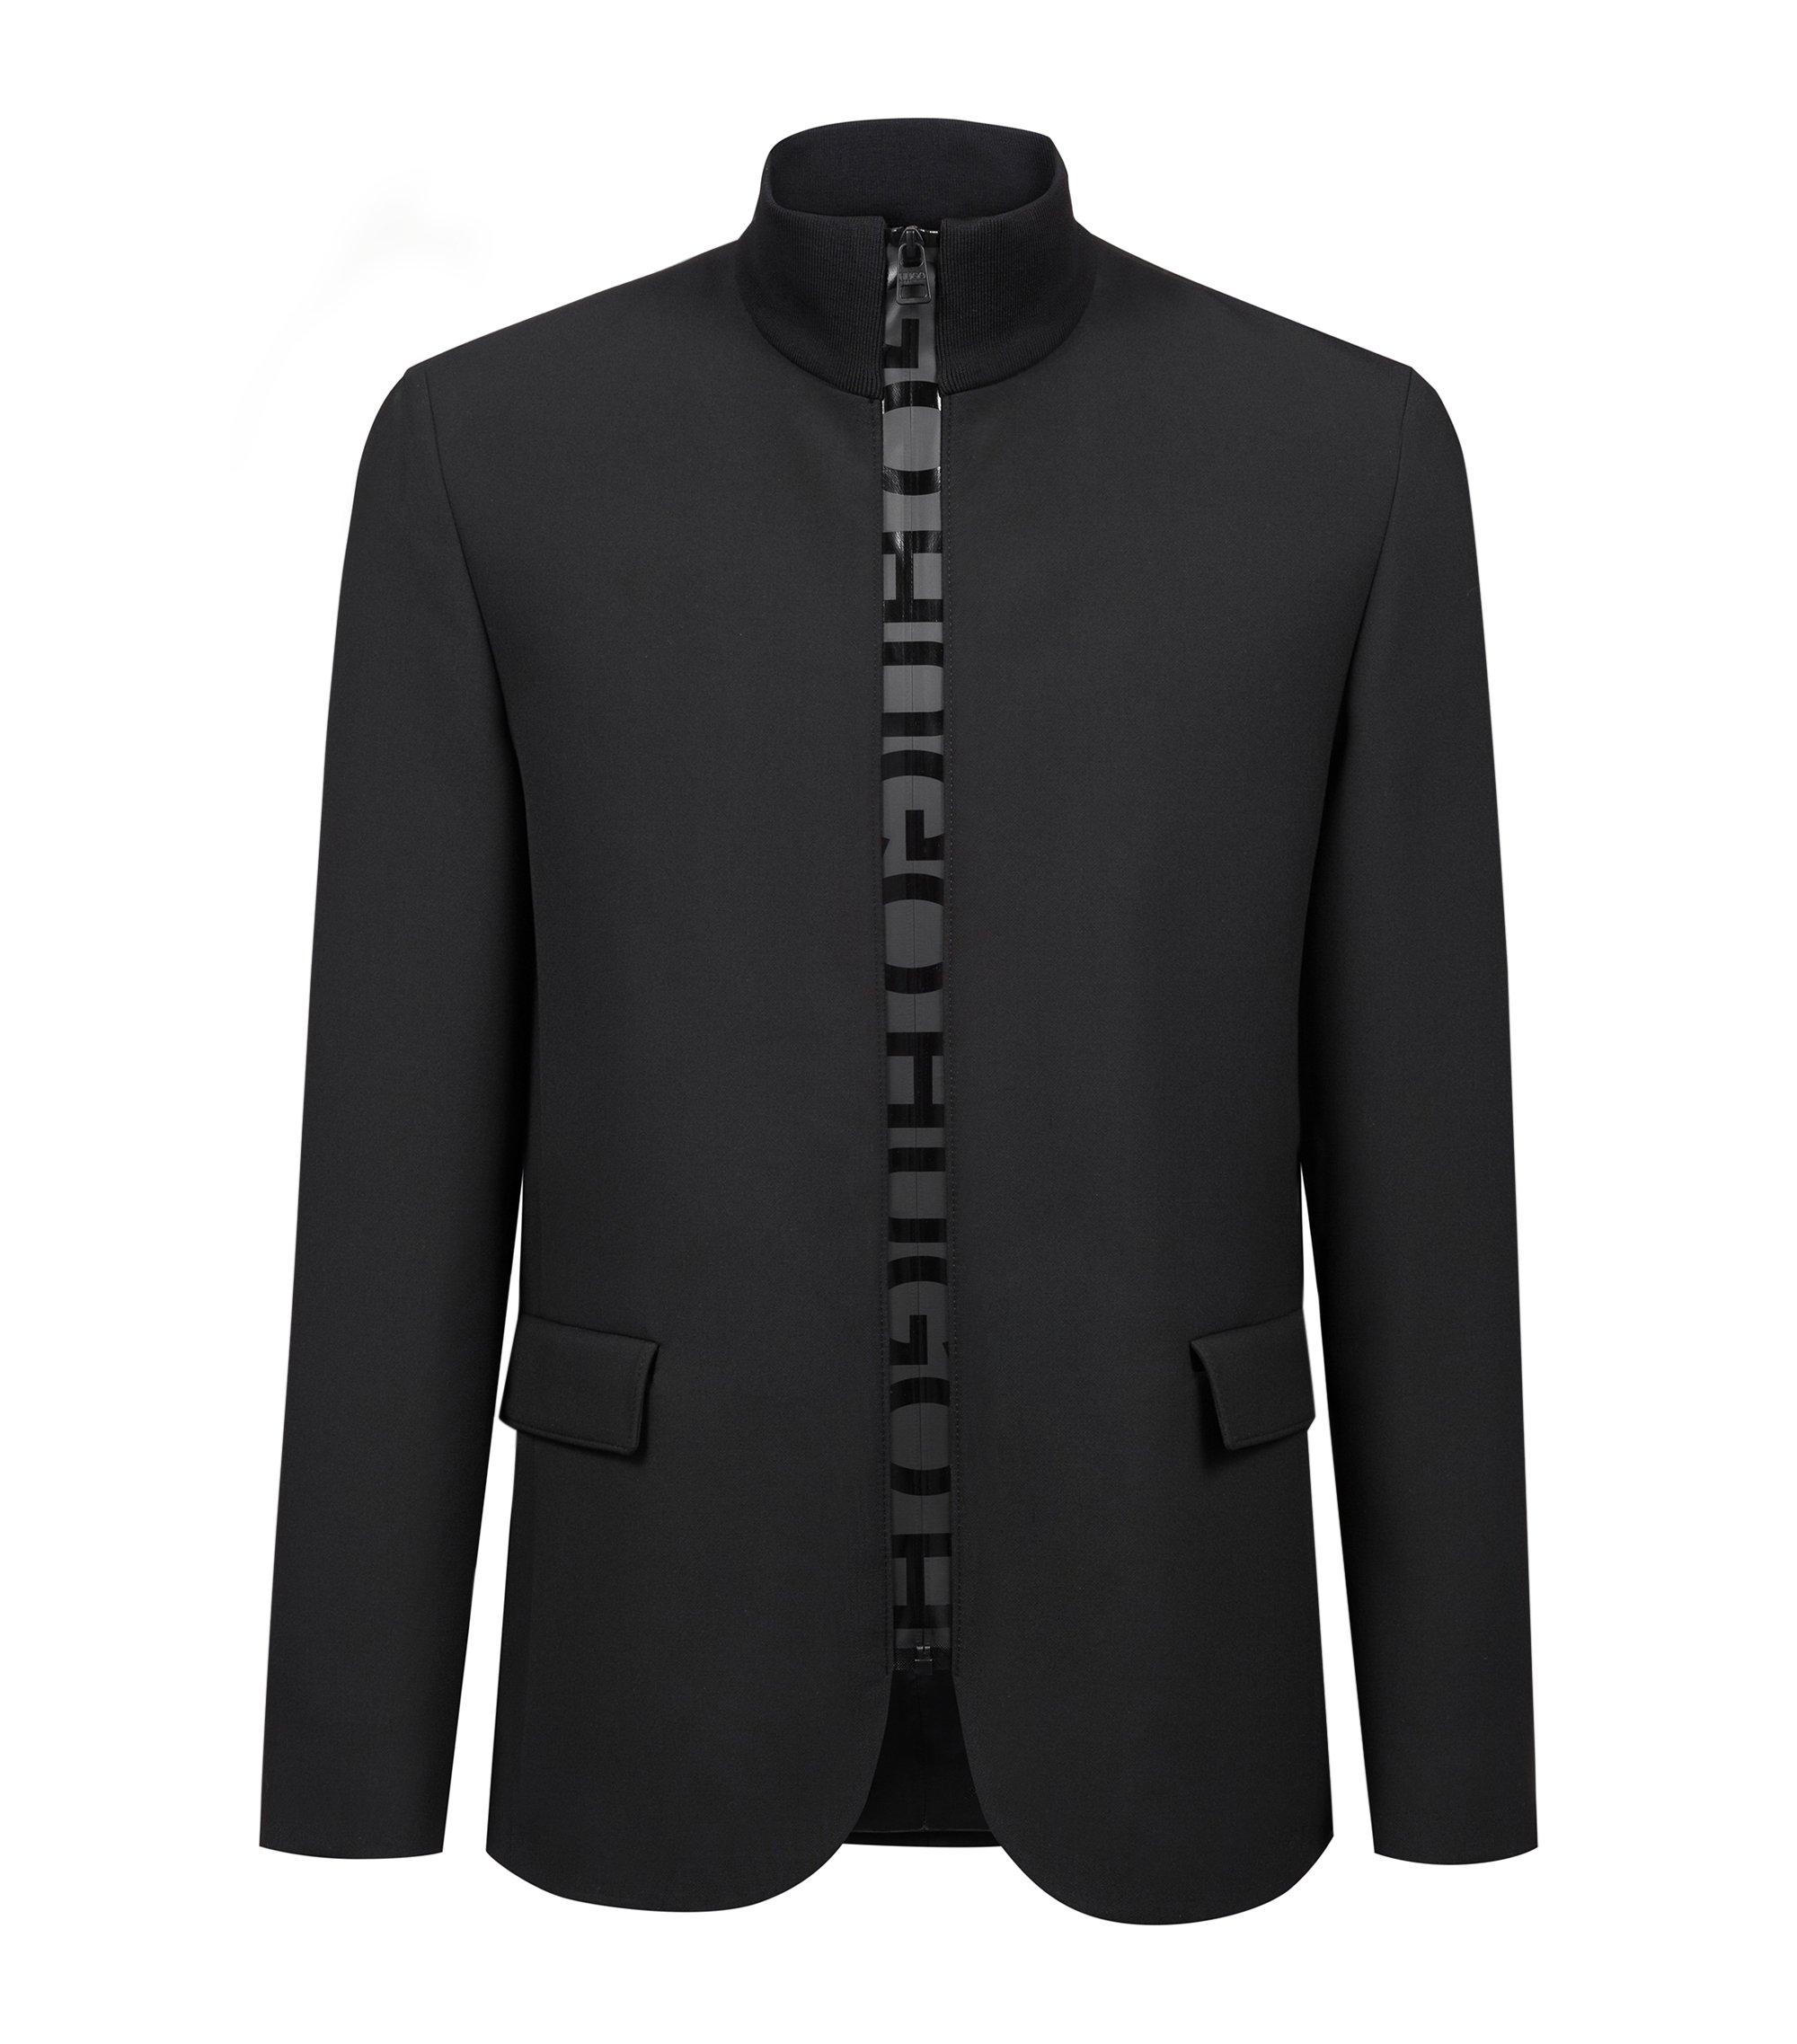 Zip-through blazer with logo-tape detailing, Black